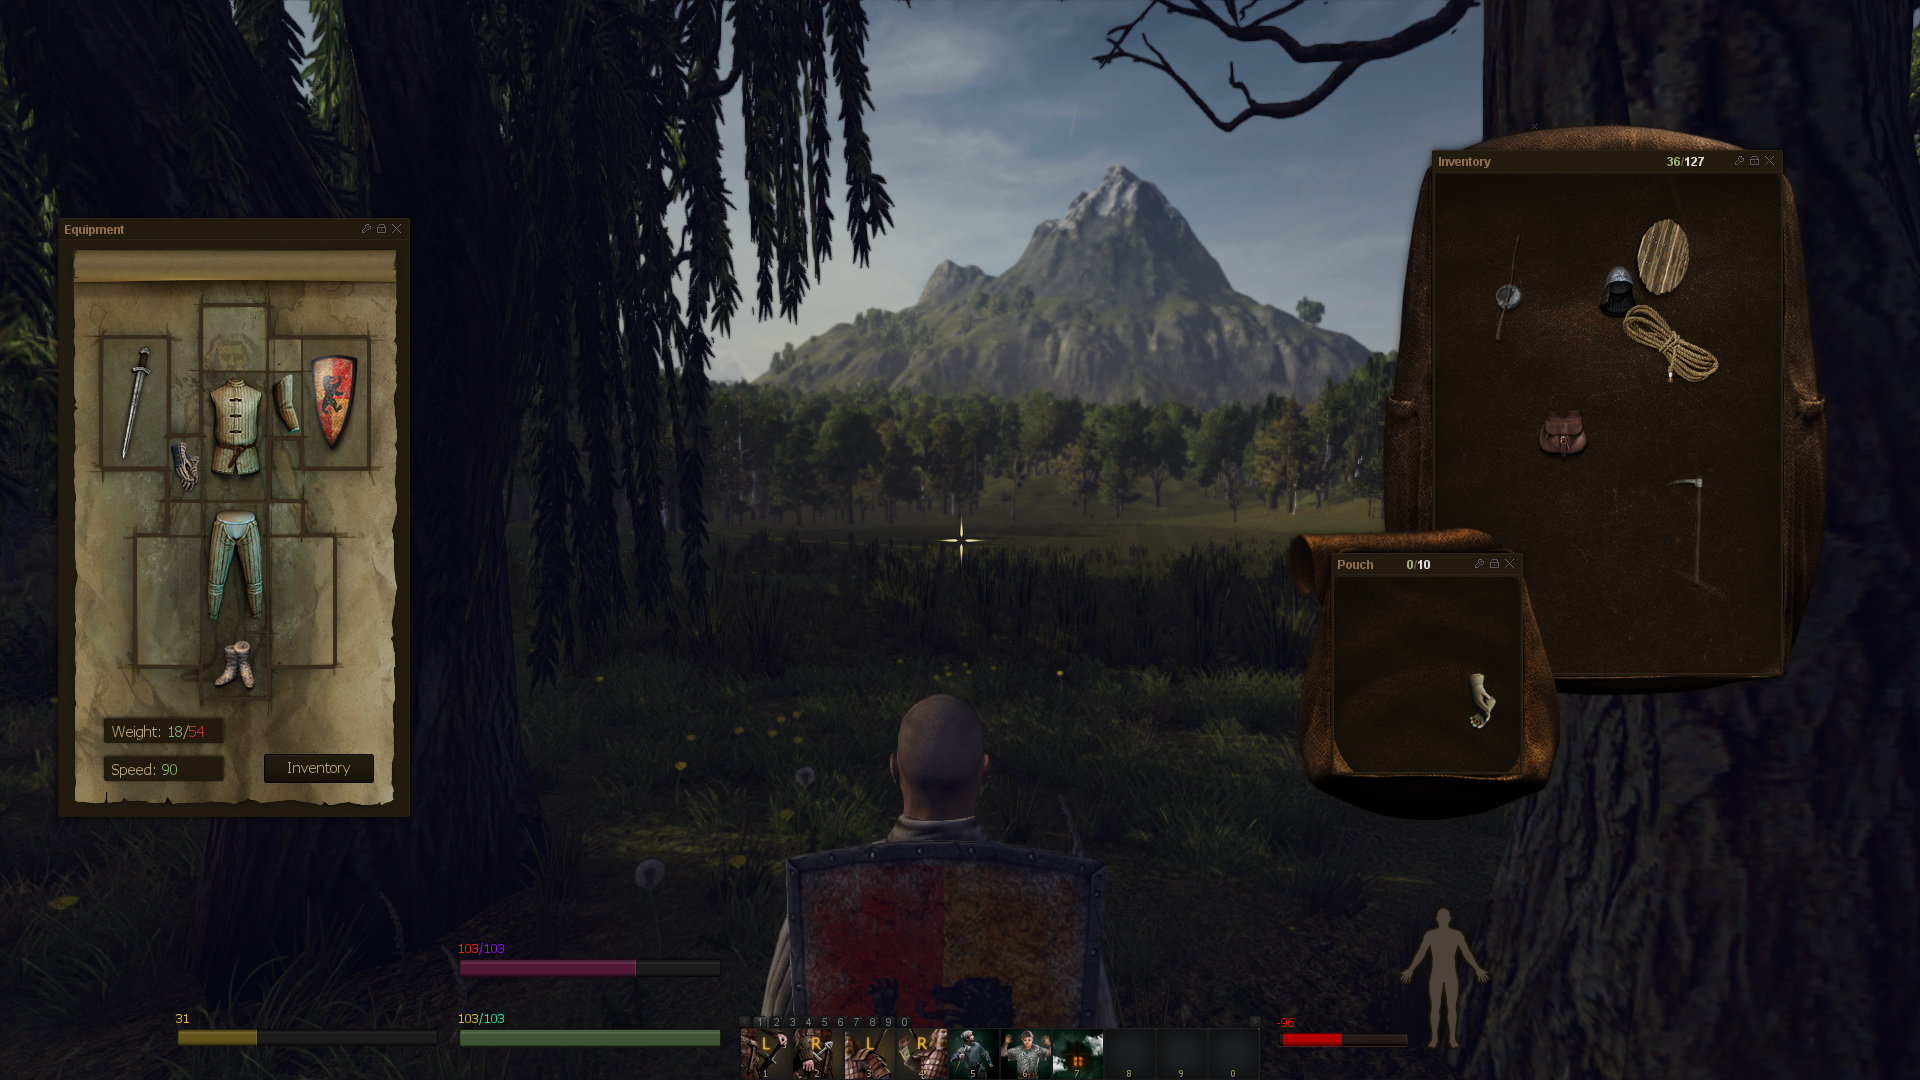 Life is feudal your own parte 1 ролевая игра по фильму геймеры смотреть онлайн